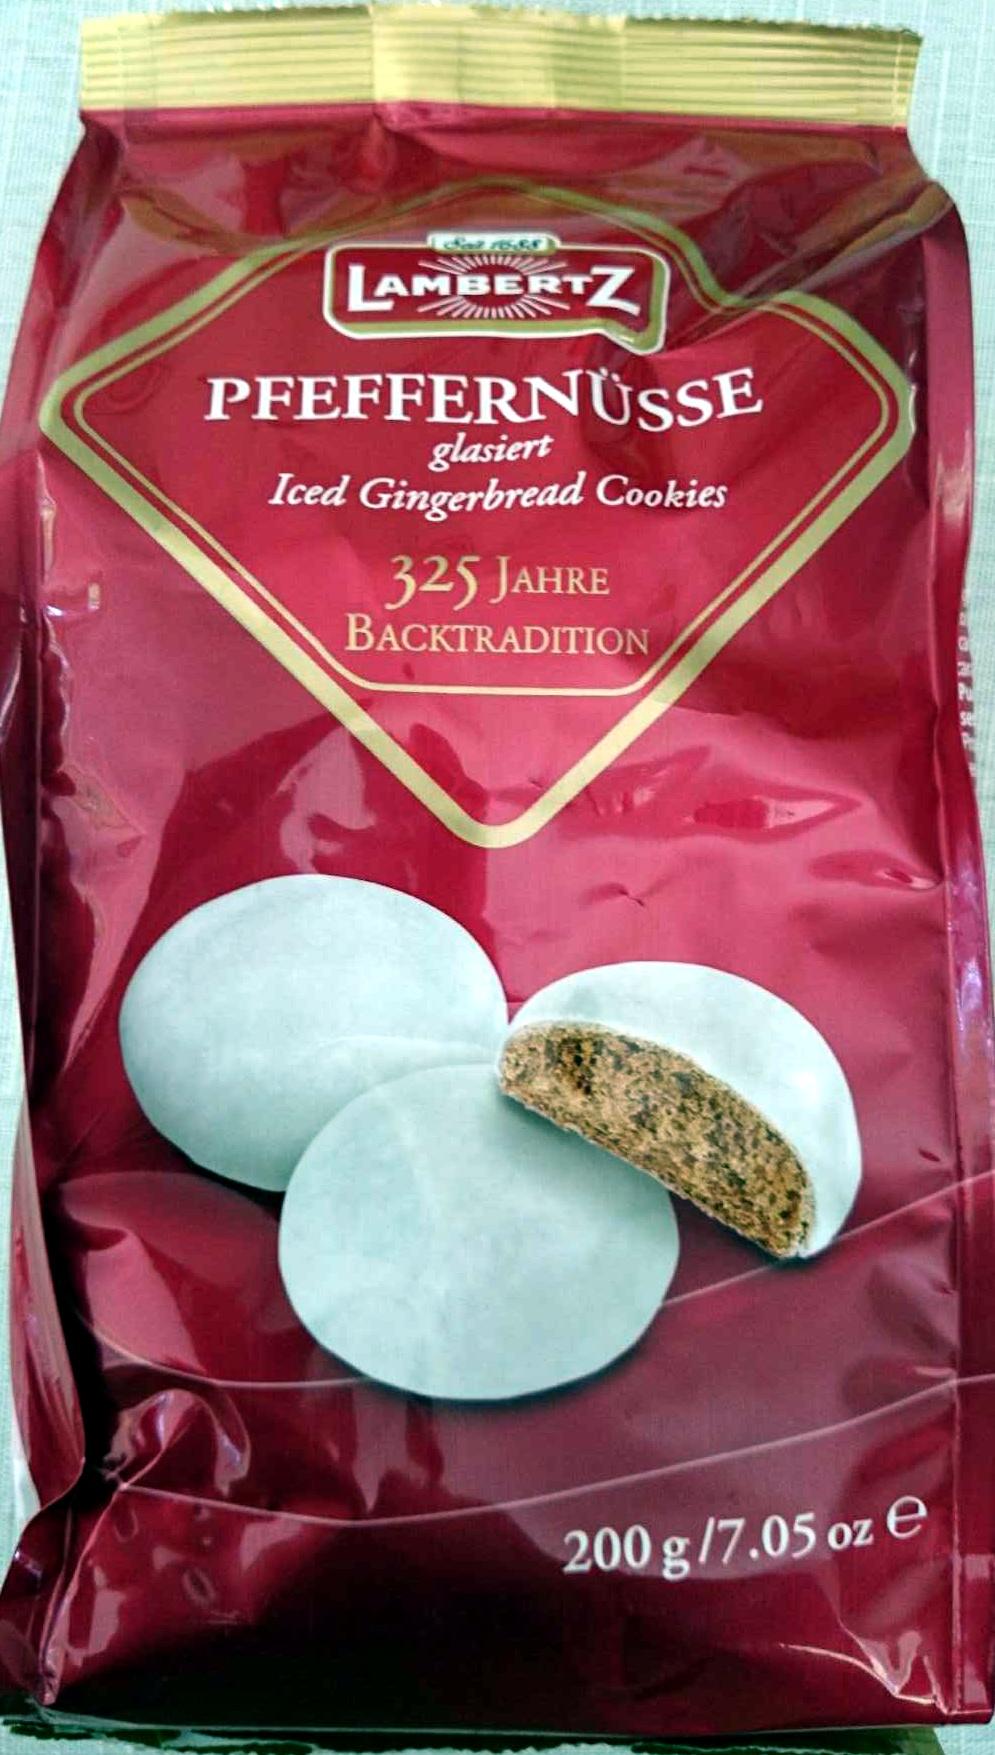 Pfeffernusse Iced Gingerbread Cookies - Product